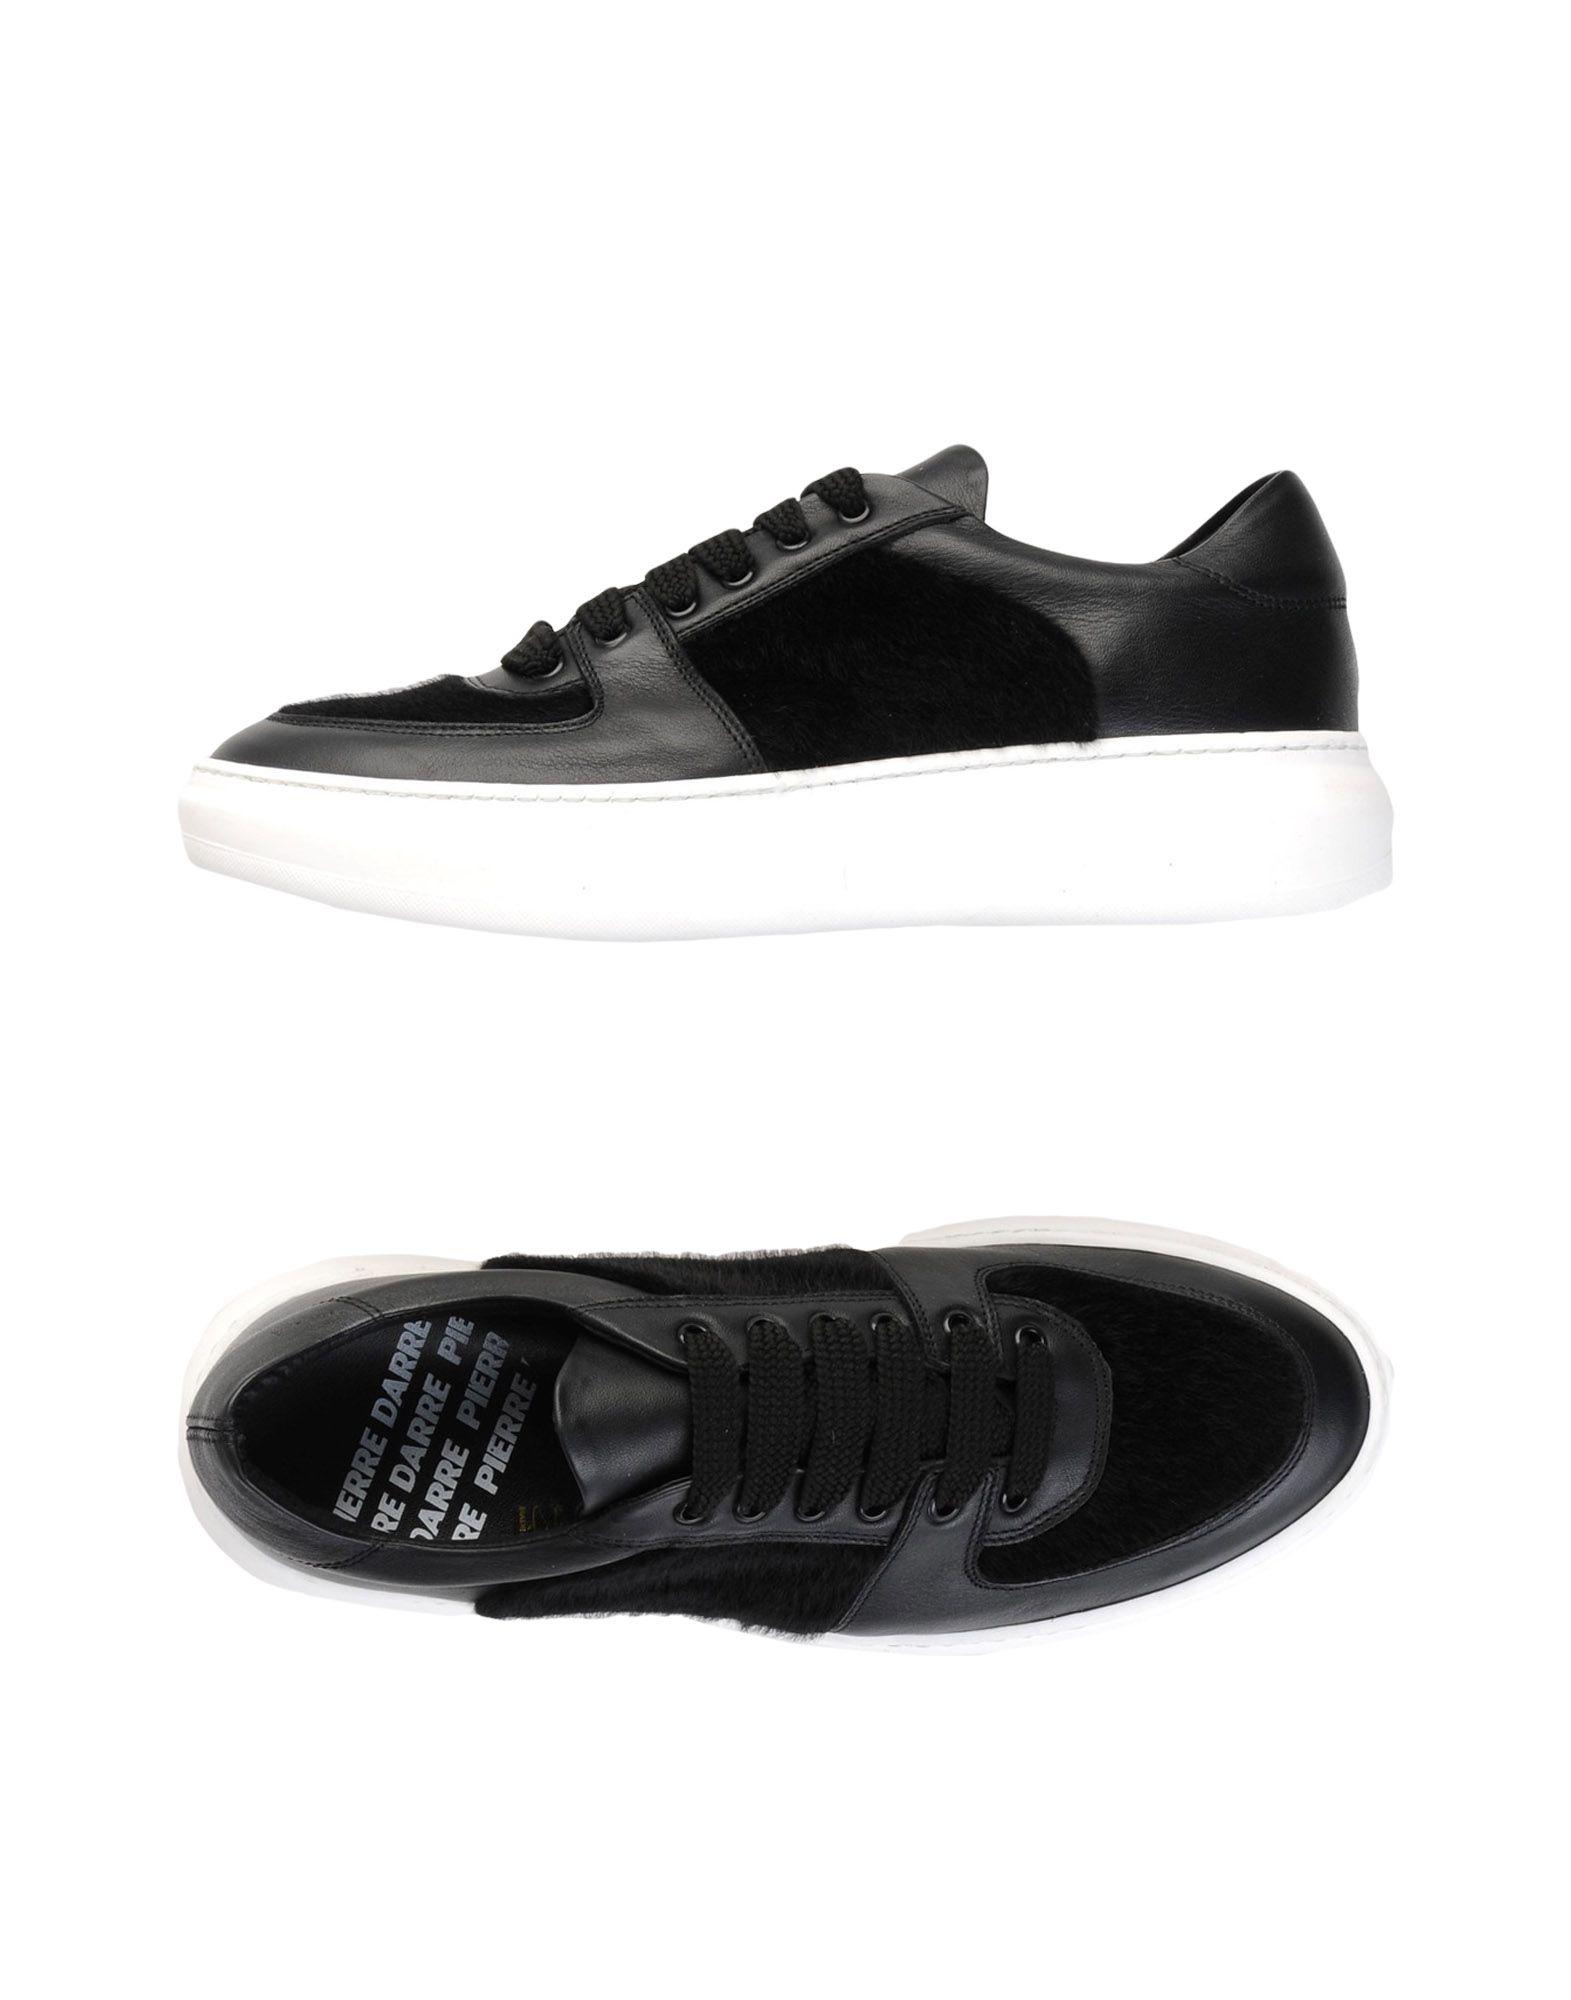 Rabatt echte Herren Schuhe Pierre Darré Sneakers Herren echte  11536076II 76aa0c